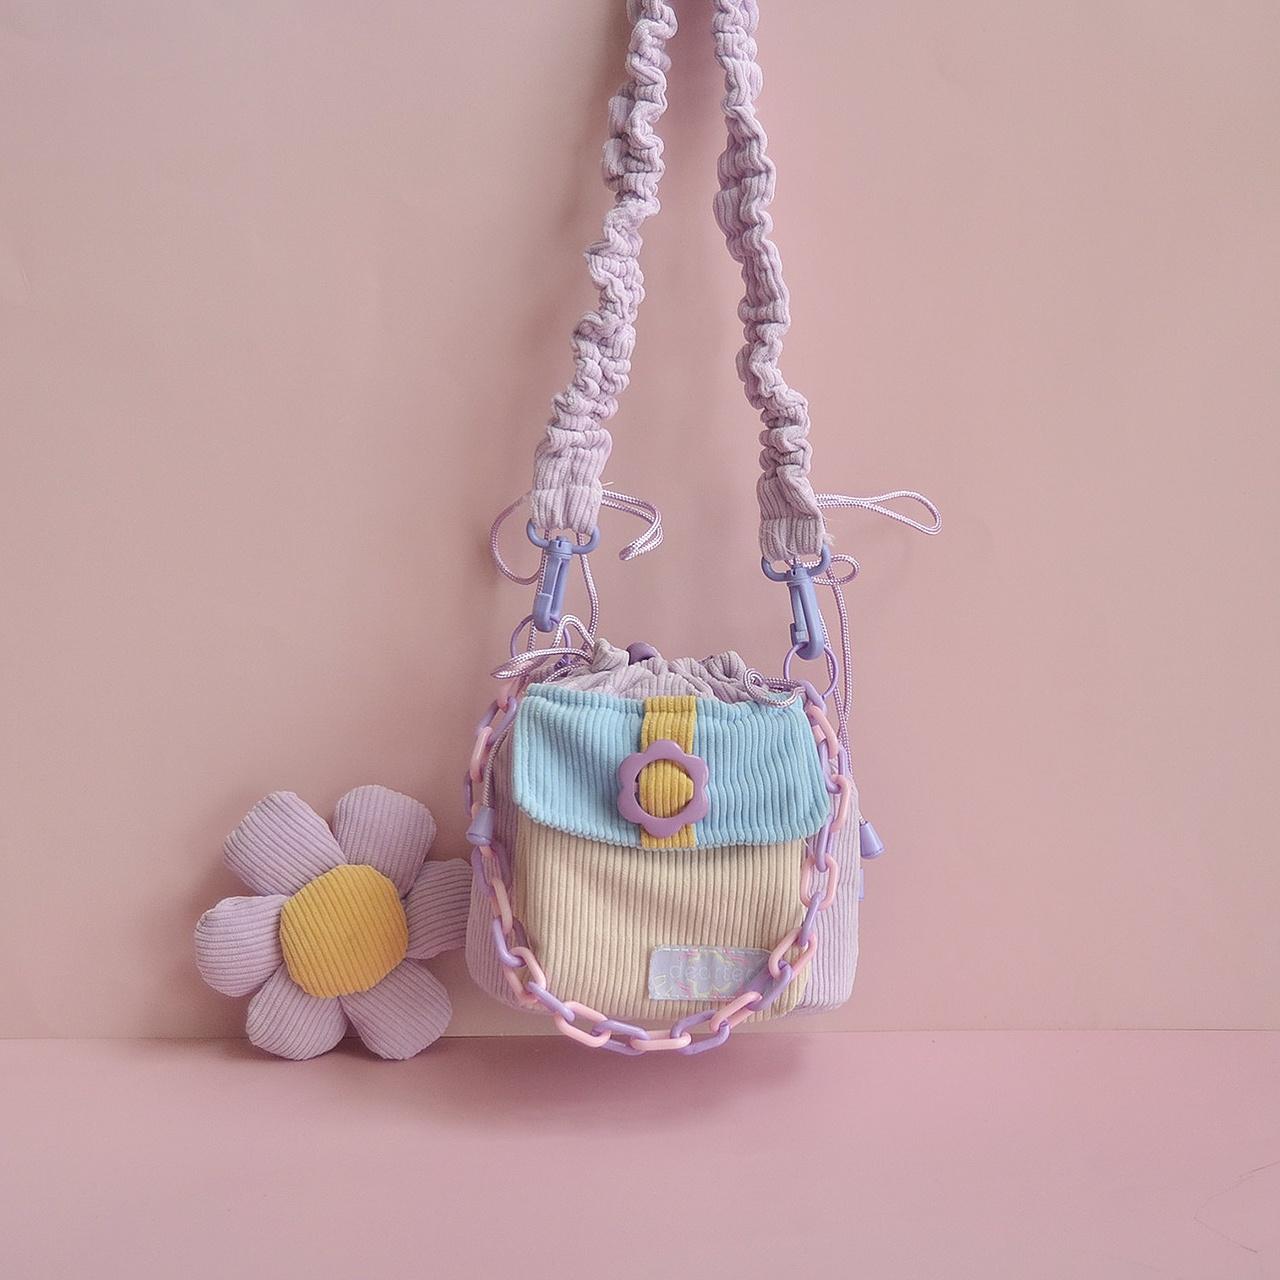 紫色水桶包 原创紫色挎包女水桶包包2V021新款包包可爱夏天日系单肩包女斜挎_推荐淘宝好看的紫色水桶包